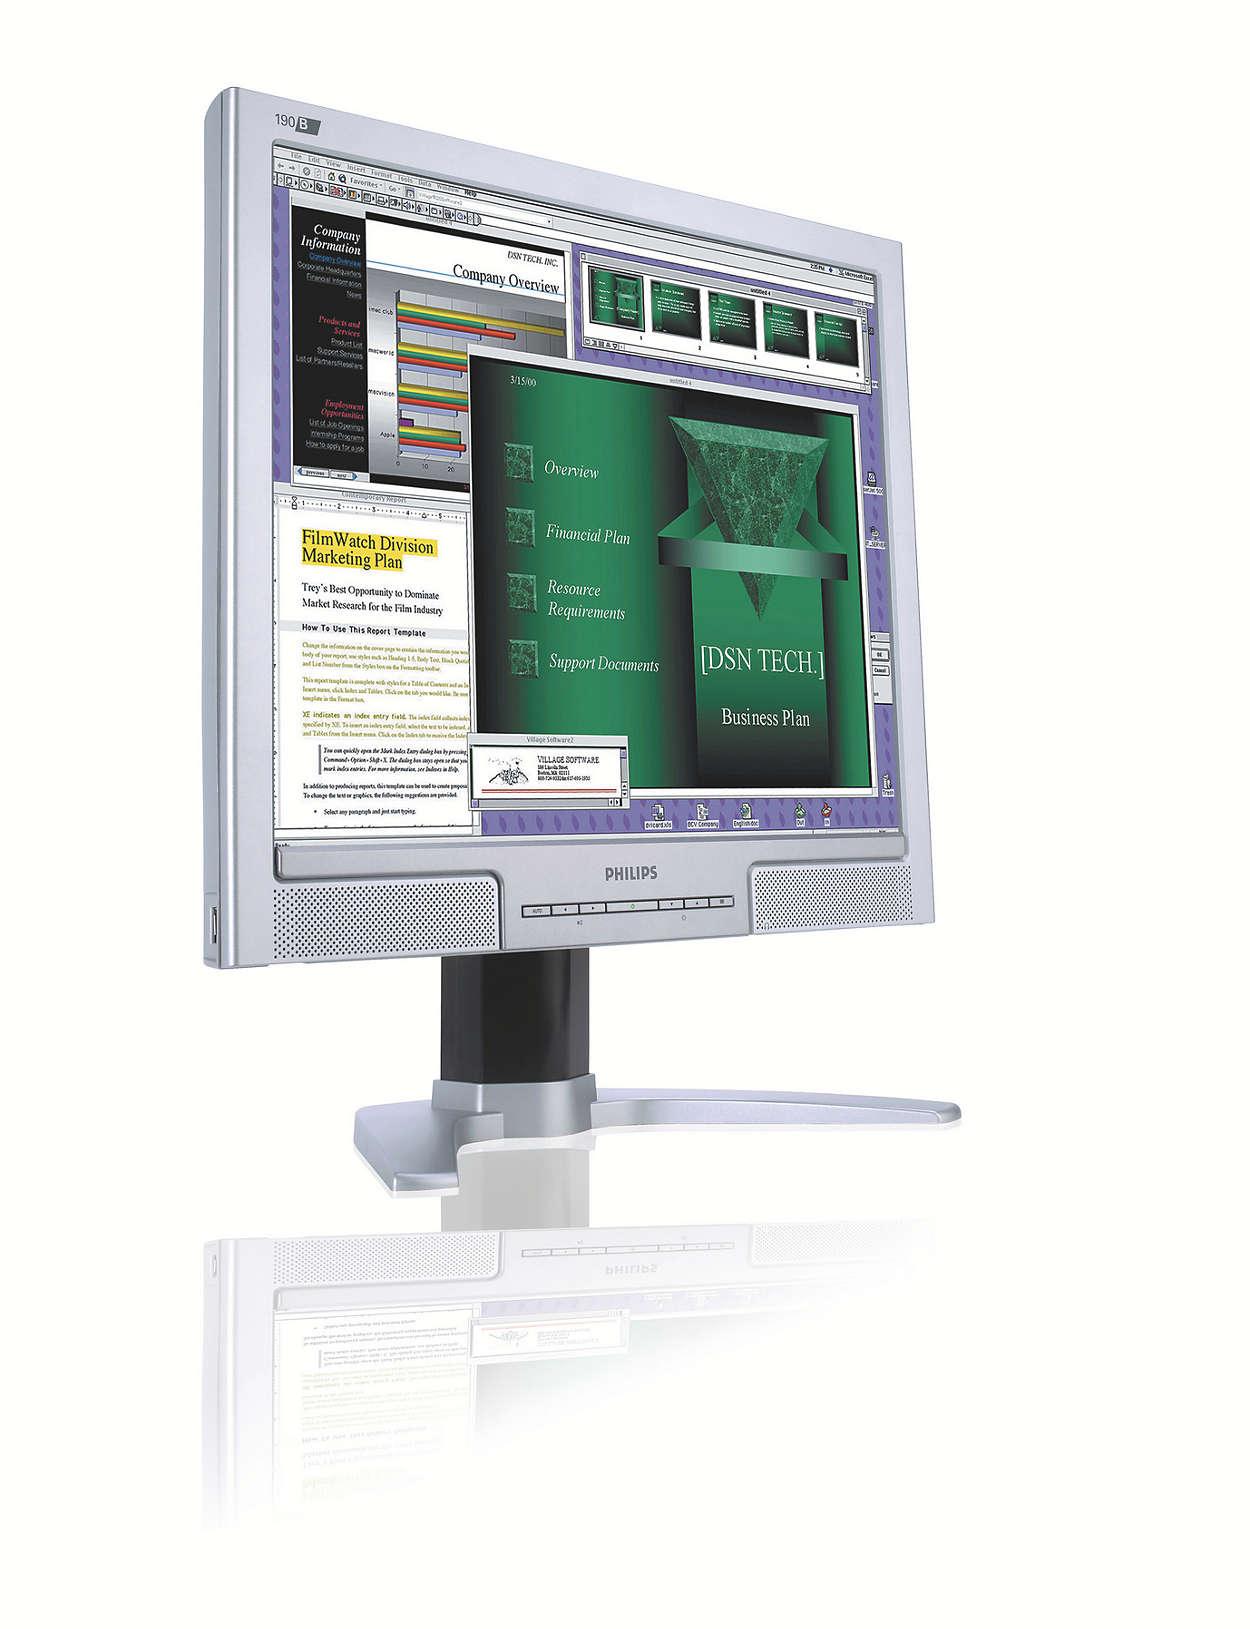 Óriási, kényelmesen olvasható képernyő a hatékonyság emeléséhez